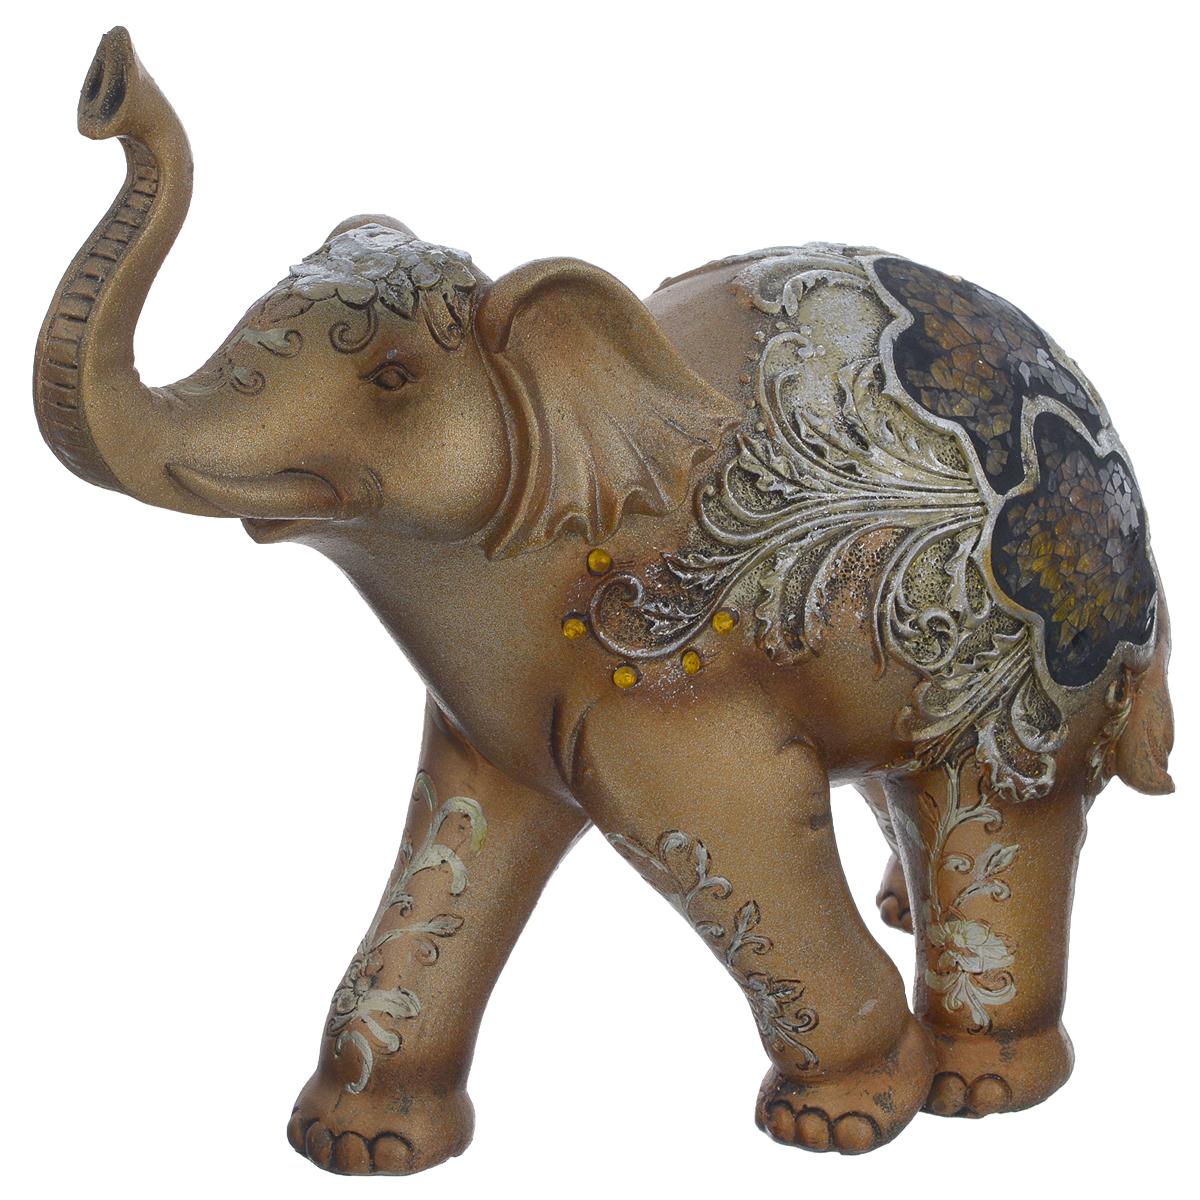 Фигурка декоративная Molento Слон с мозаикой, высота 21 см10850/1W GOLD IVORYДекоративная фигурка Molento Слон с мозаикой, выполненная из полистоуна, станет отличным украшением интерьера и подчеркнет его изысканность. Изделие, выполненное в виде слона, украшено рельефными узорами и мозаикой из стекла. Такая фигурка всегда сможет послужить приятным подарком для ваших друзей и близких. Размер фигурки: 24,5 см х 10 см х 21 см.